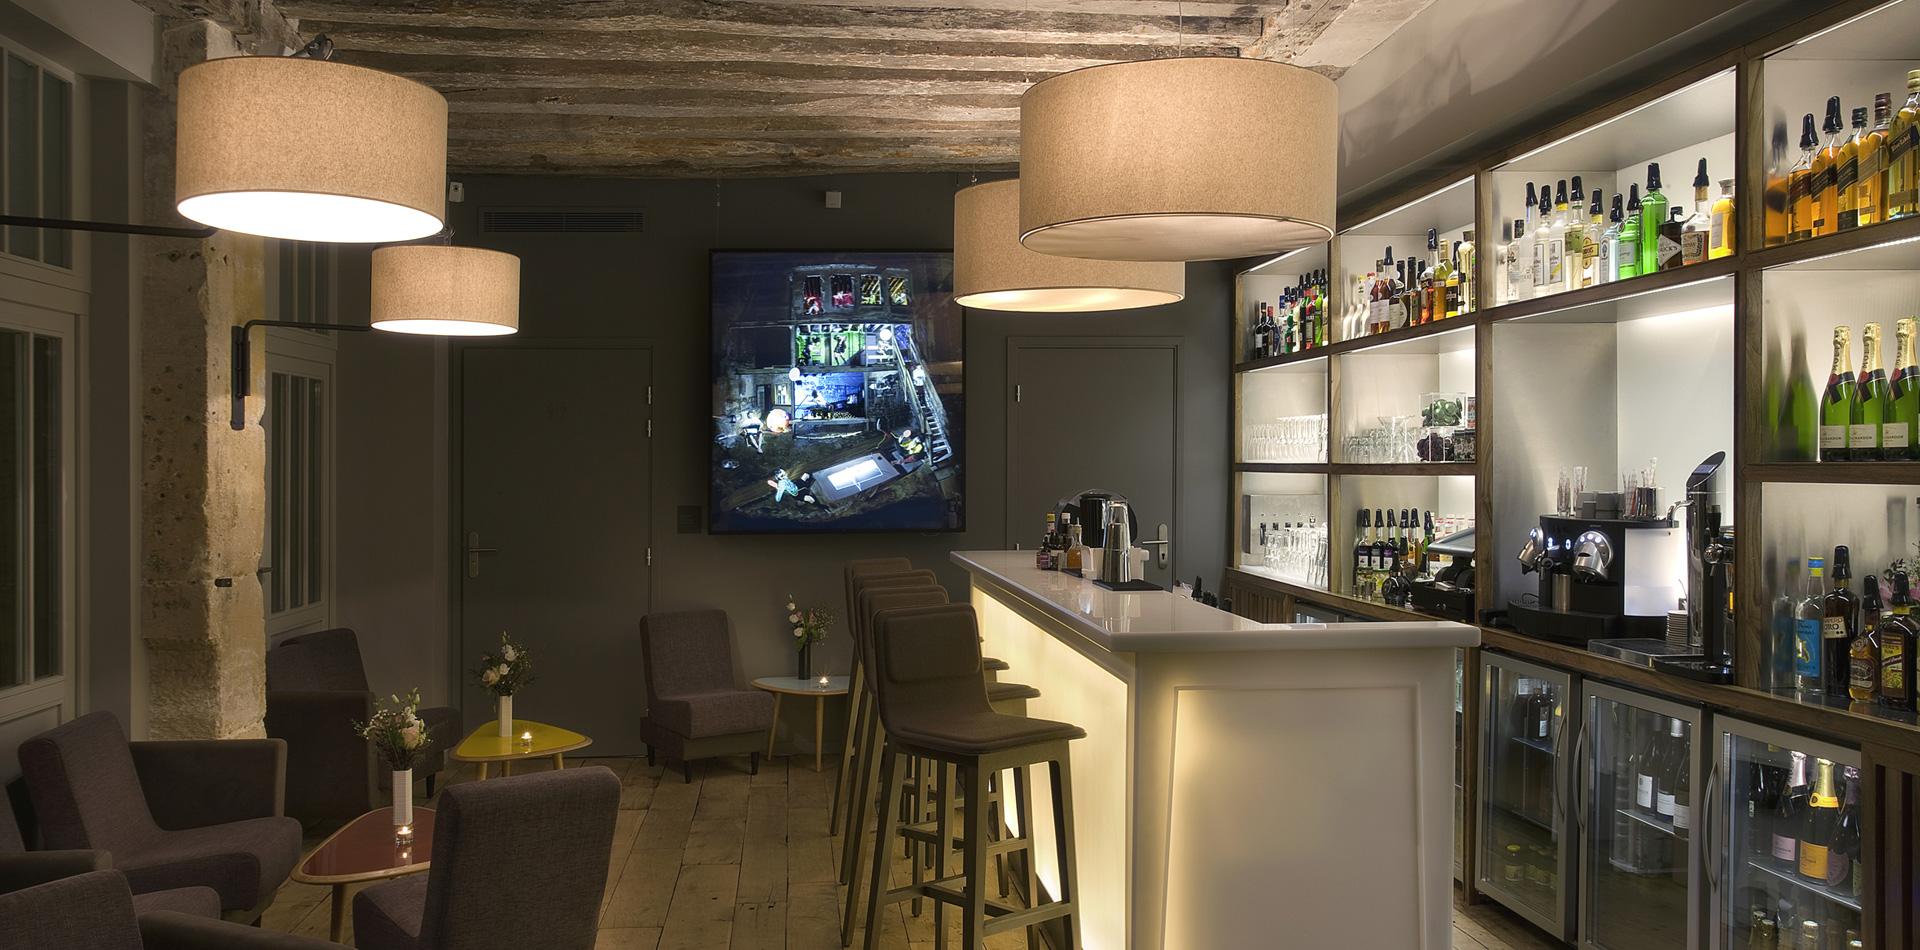 h tel jules jim michael malapert interior design architecte d 39 int rieur paris. Black Bedroom Furniture Sets. Home Design Ideas